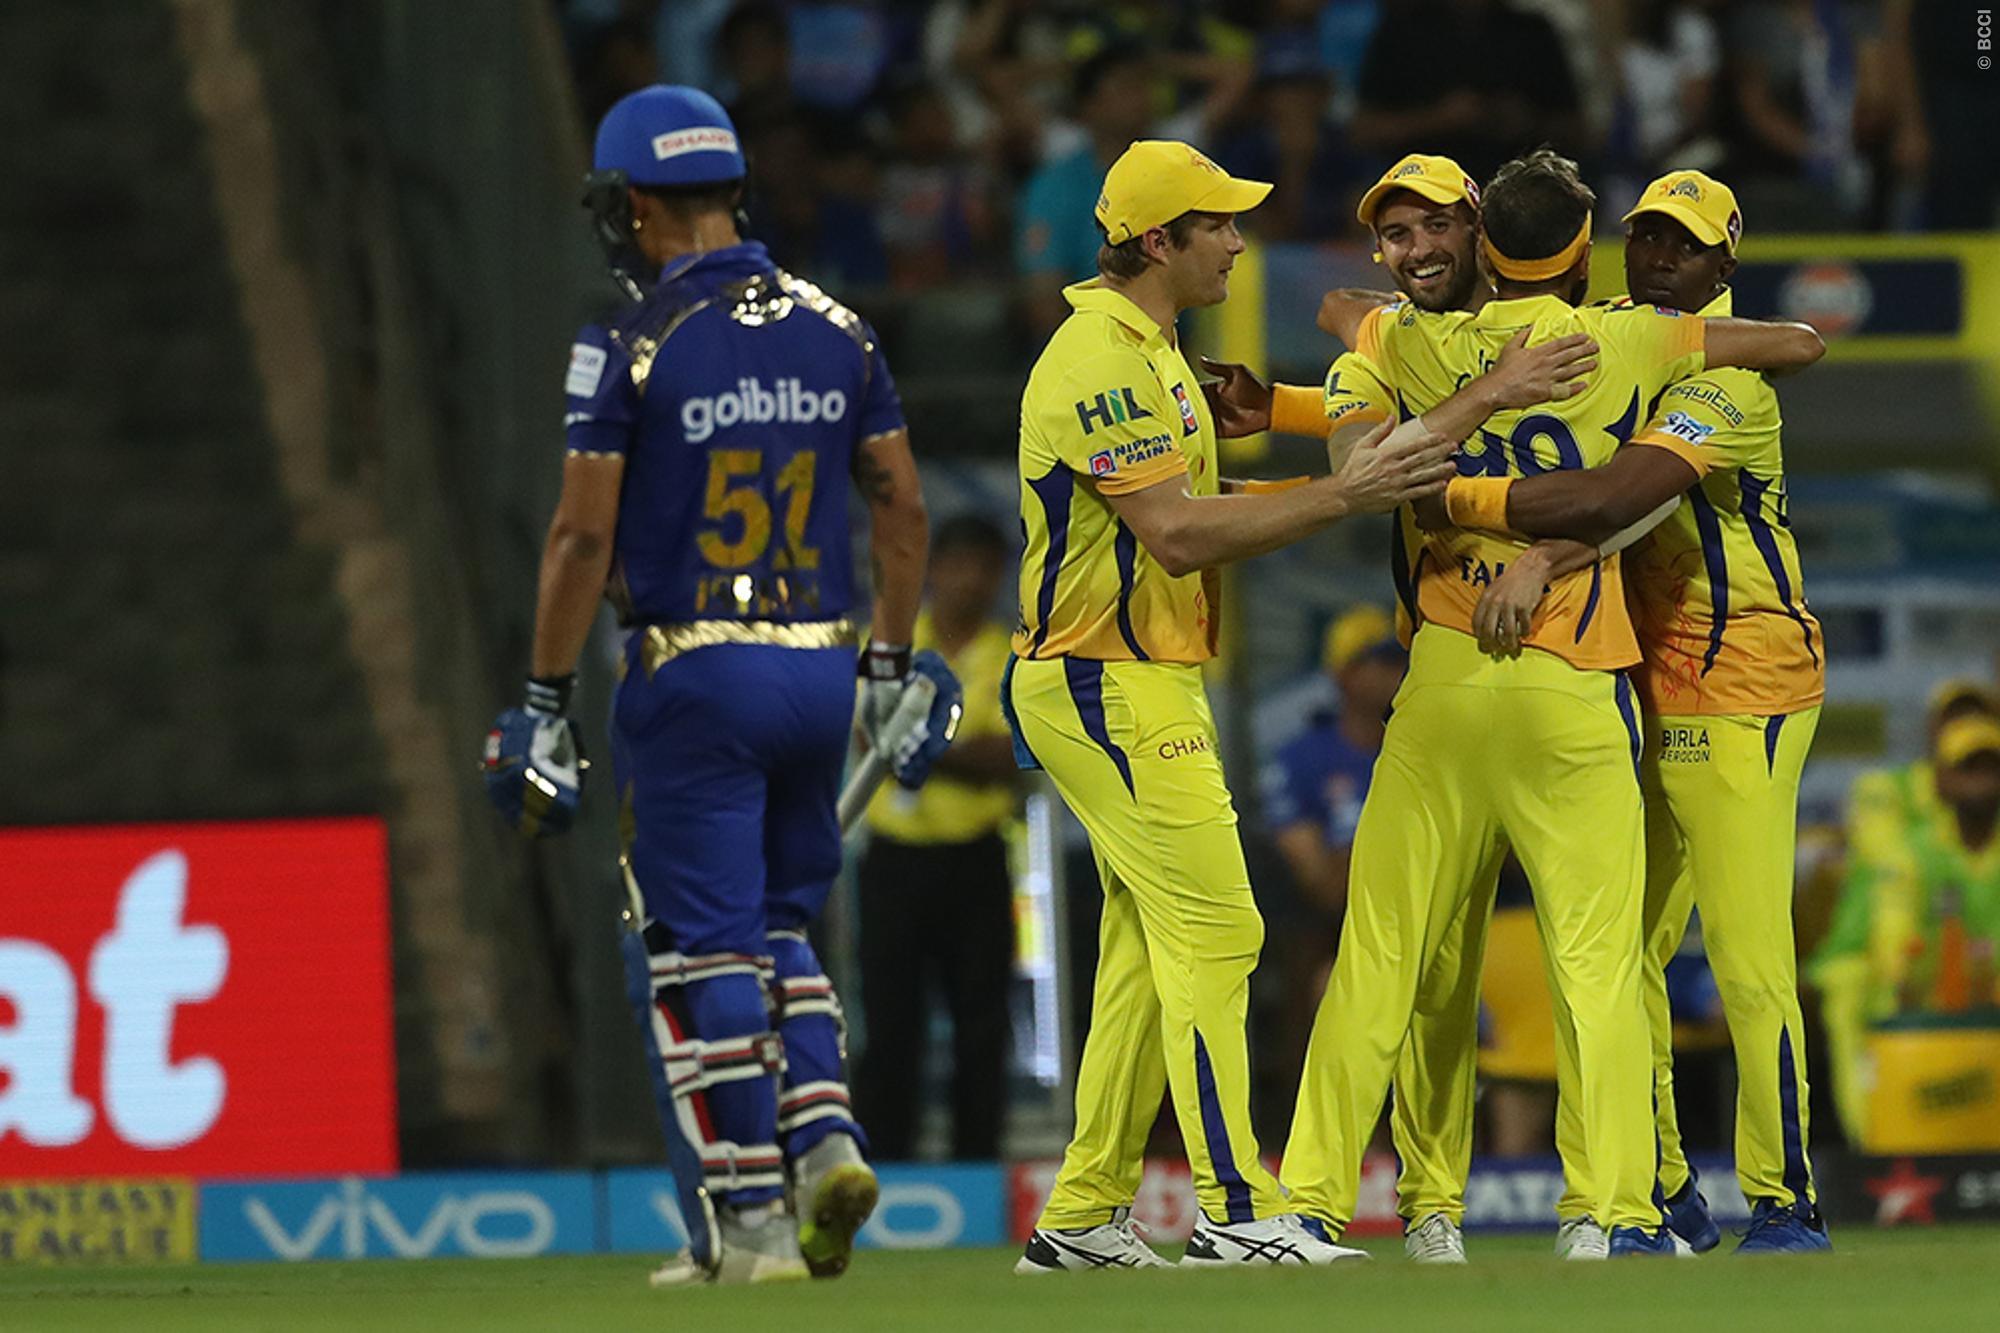 MIvCSK: आखिरकार वजह आया सामने इस कारण मुंबई इंडियंस ने 19 वें ओवर में दिया चेन्नई सुपर किंग्स को जीतने का मौका 14